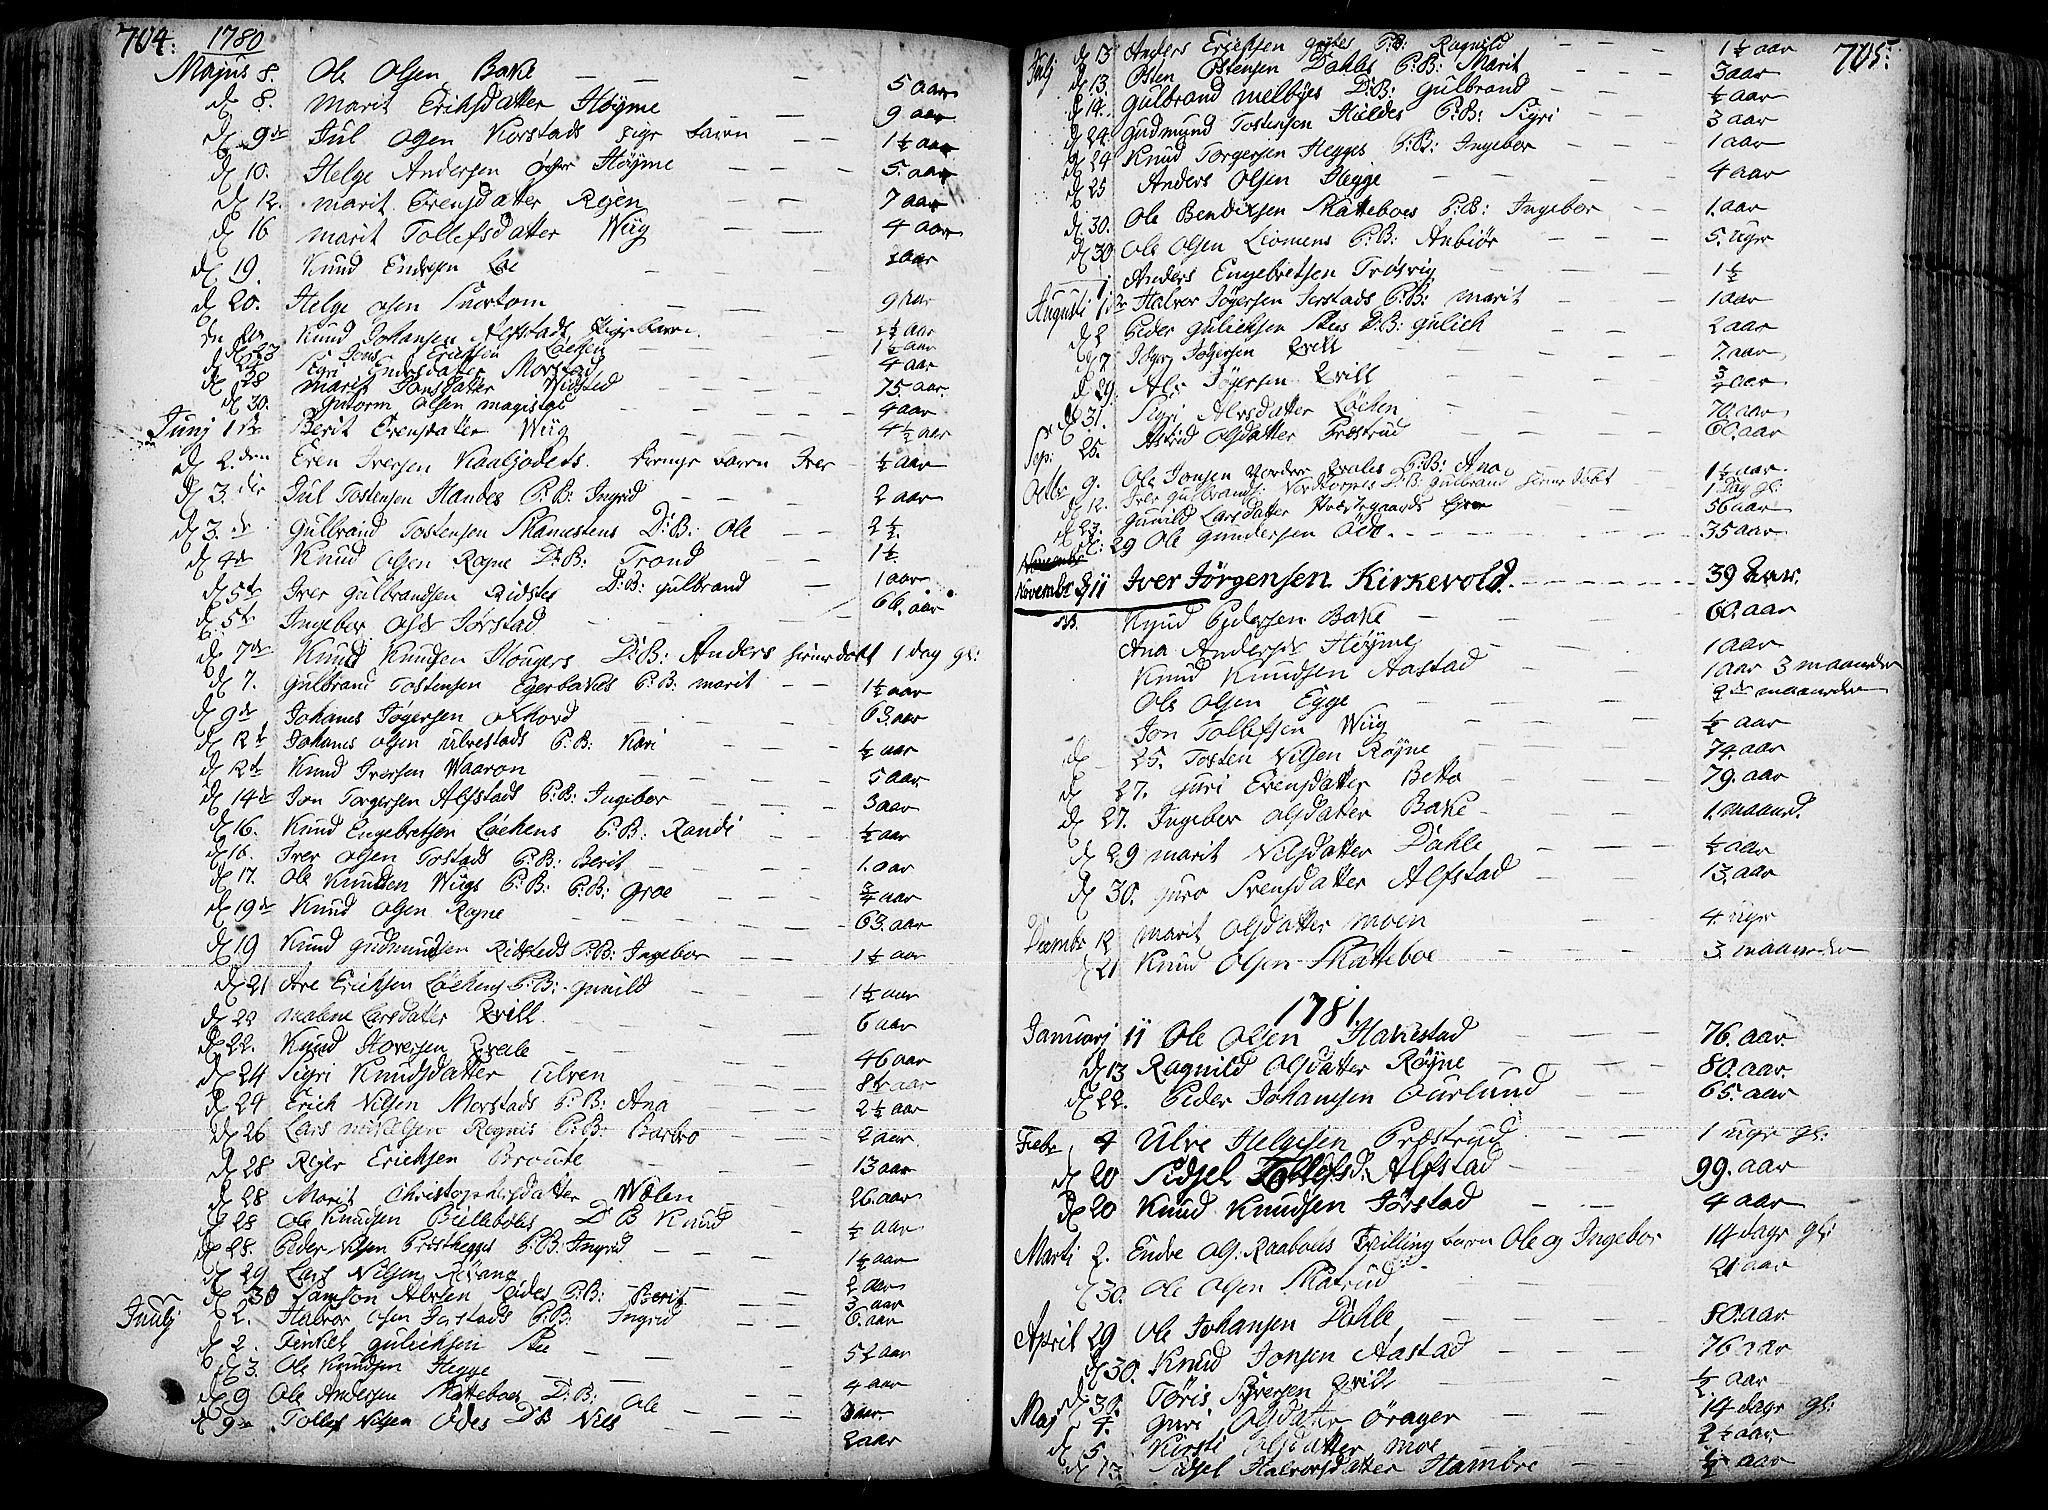 SAH, Slidre prestekontor, Ministerialbok nr. 1, 1724-1814, s. 704-705